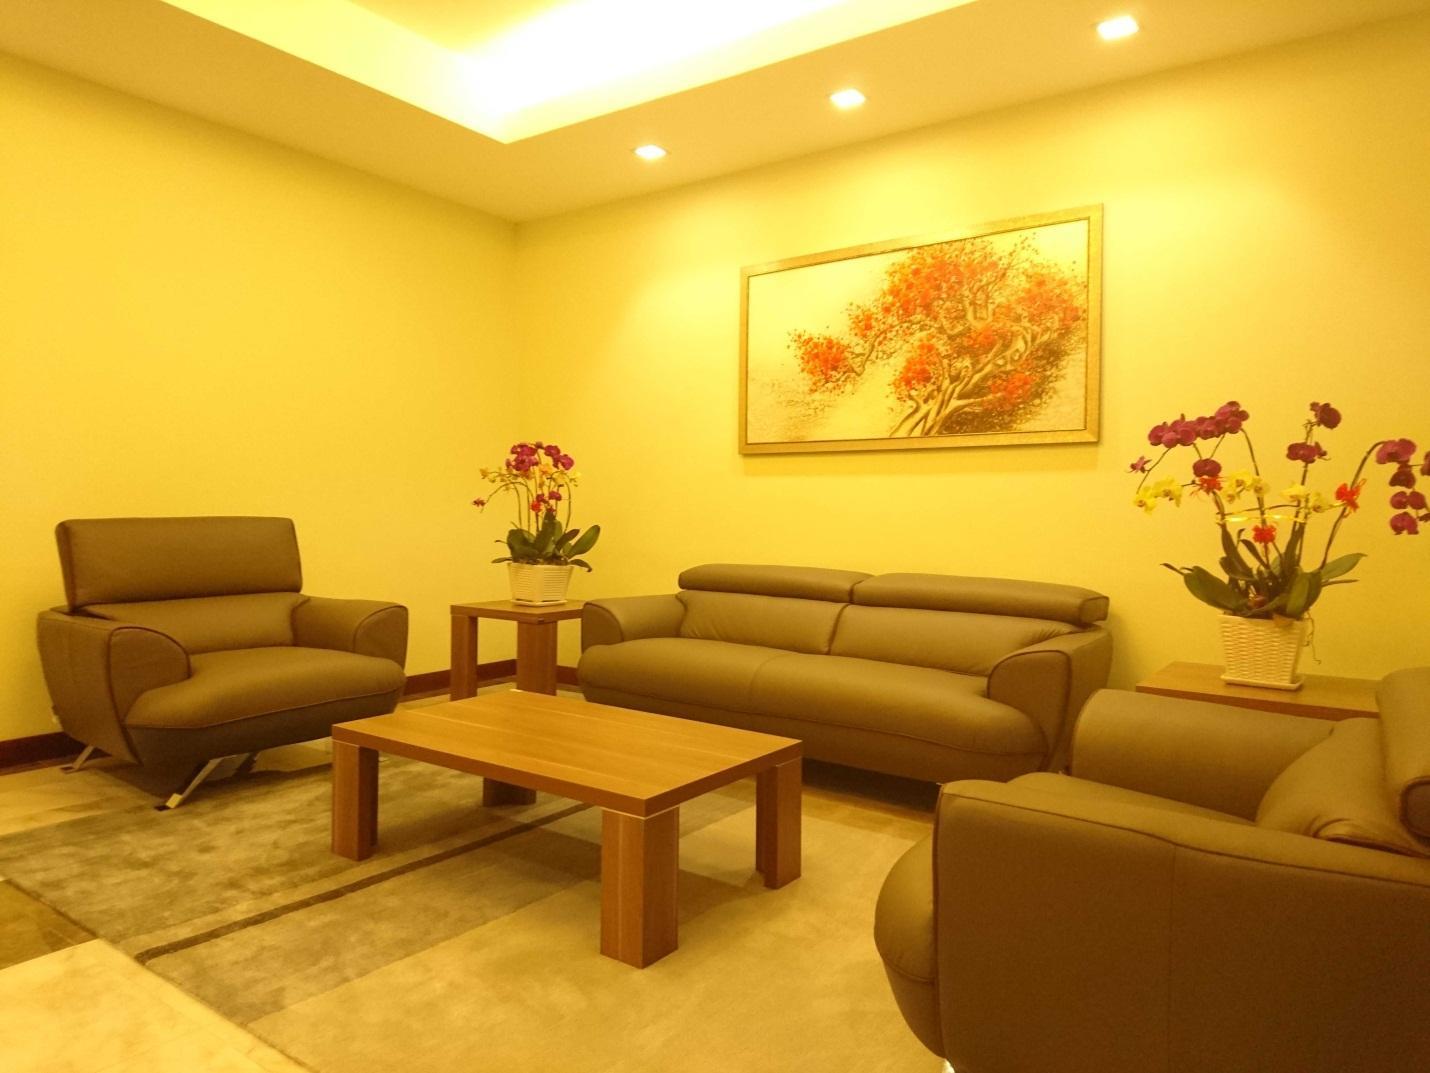 C:UsersAdministratorDesktopLYẢnh căn hộ cho thuêresizeCăn hộ không bếpDSC_0489.jpg